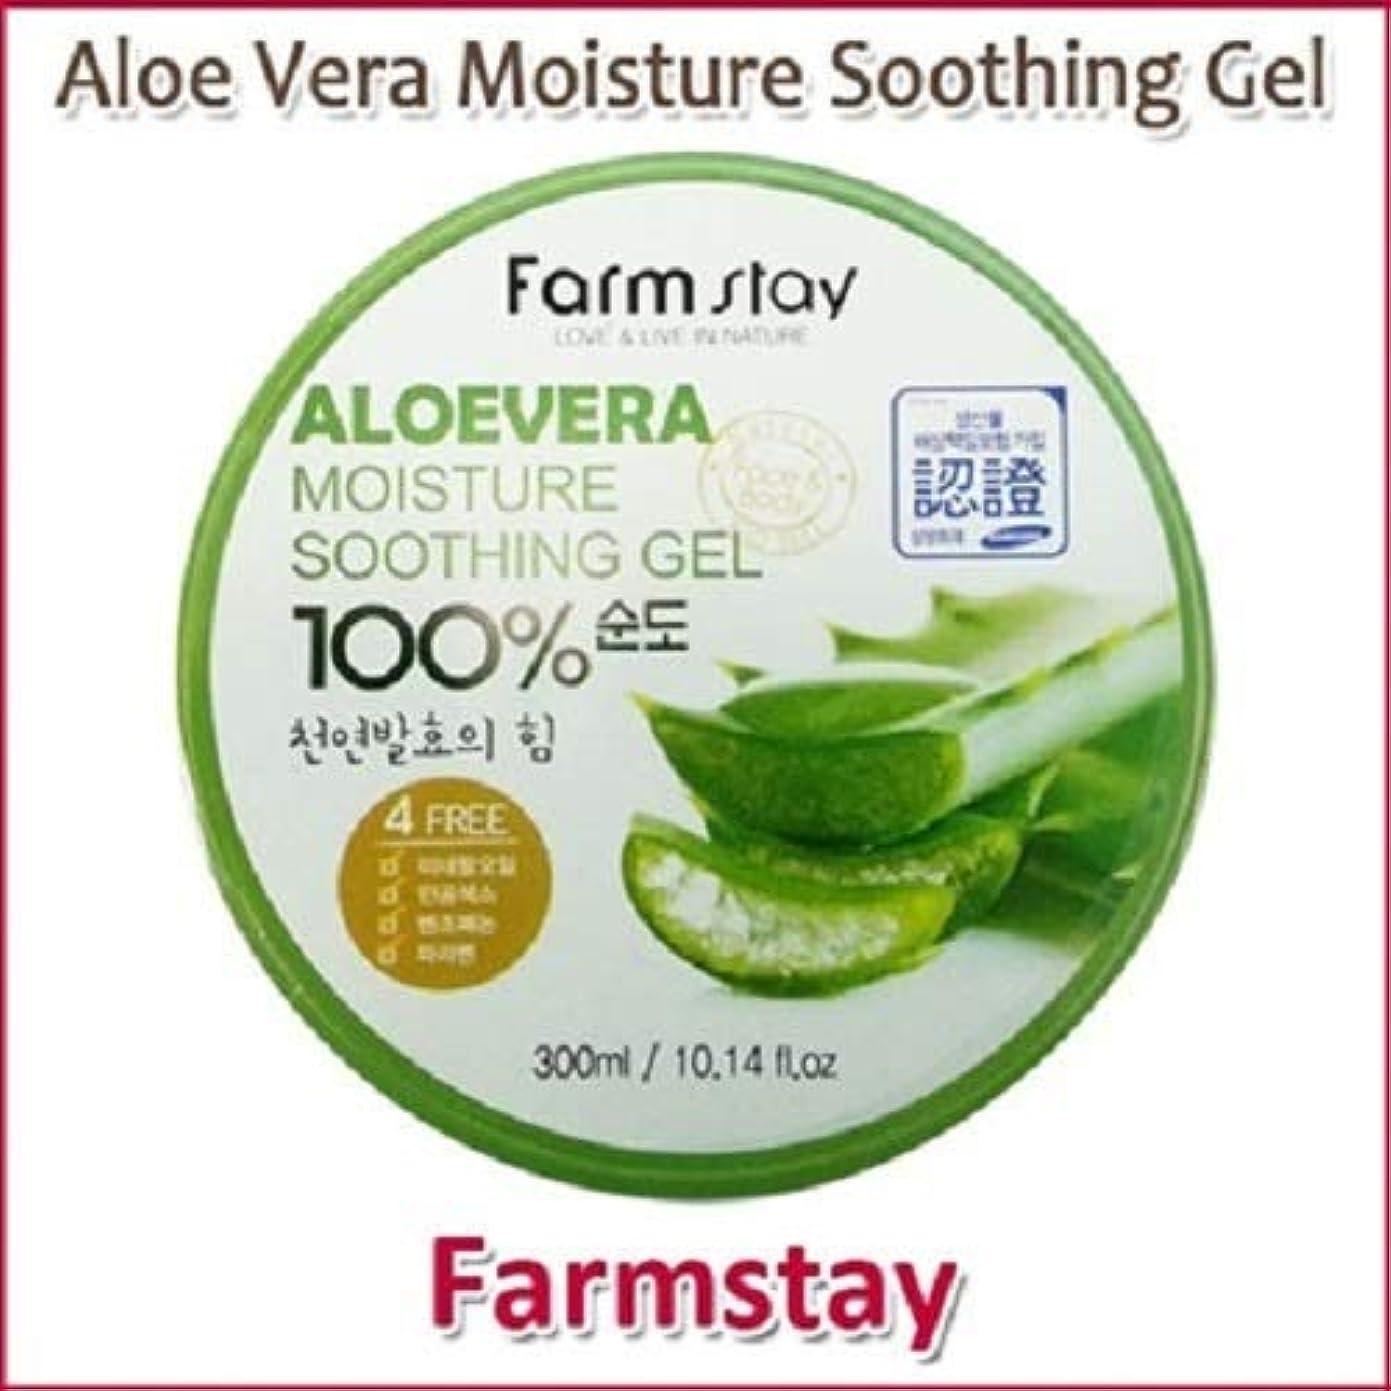 特異性重さ苦しみFarm Stay Aloe Vera Moisture Soothing Gel 300ml /オーガニック アロエベラゲル 100%/保湿ケア/韓国コスメ/Aloe Vera 100% /Moisturizing [...